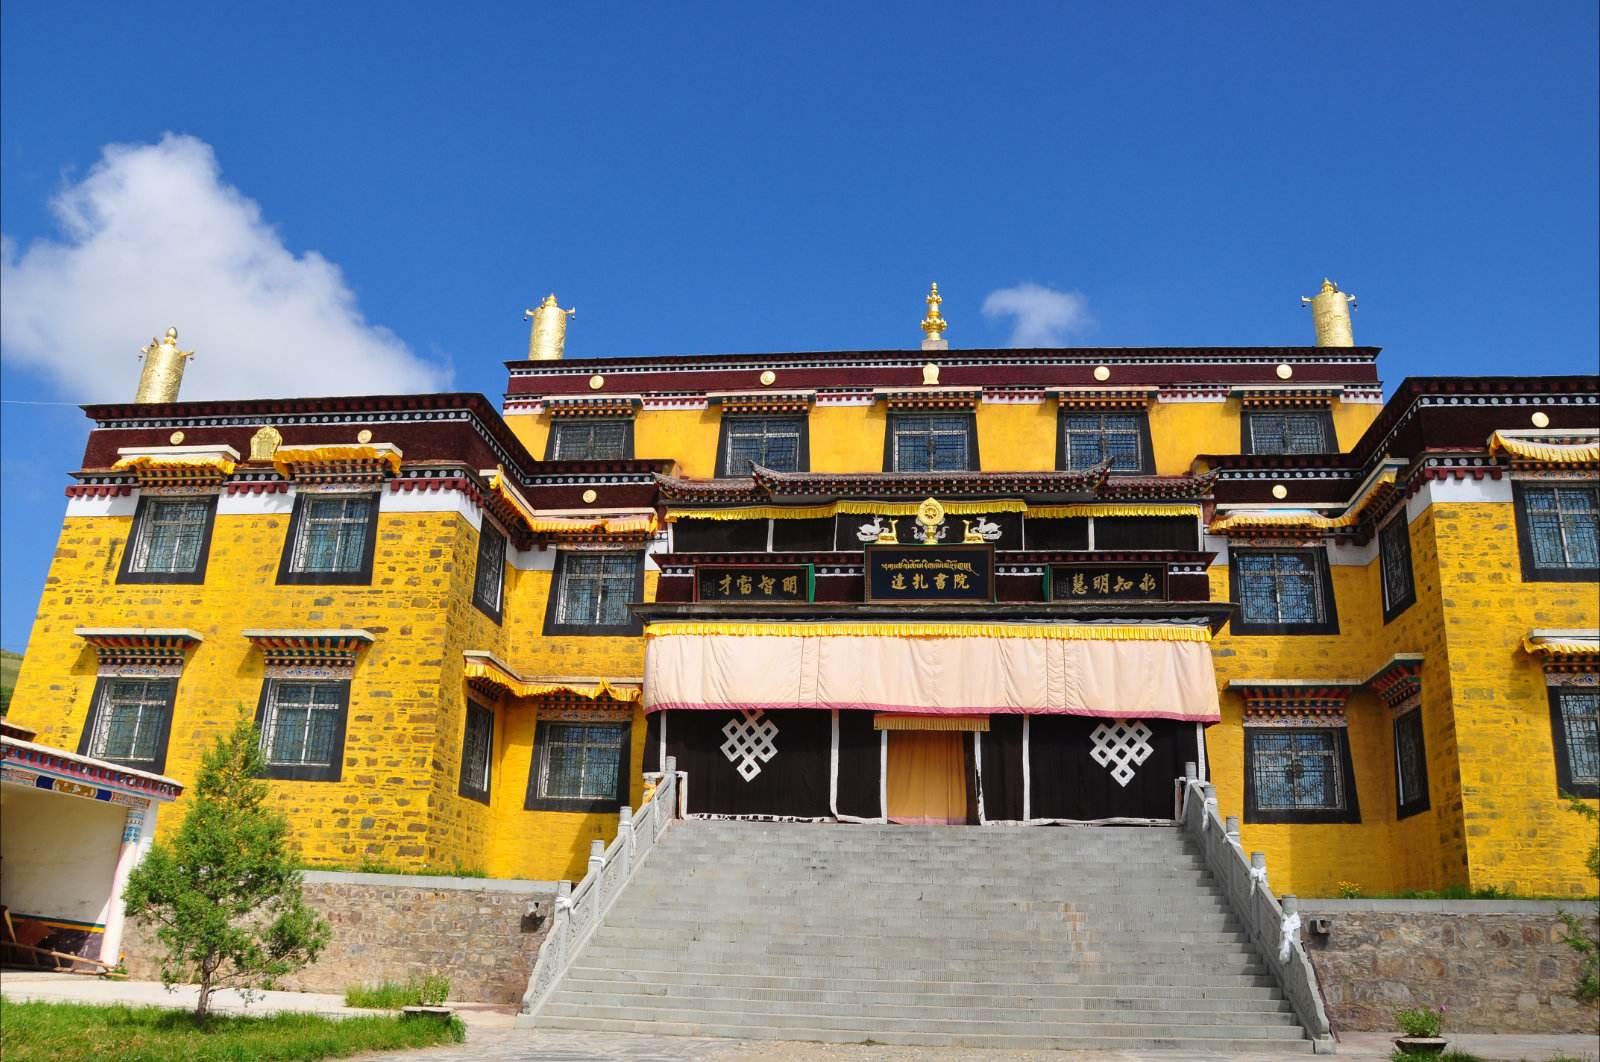 达扎书院:致力于藏传佛教传统与现代文明的融合